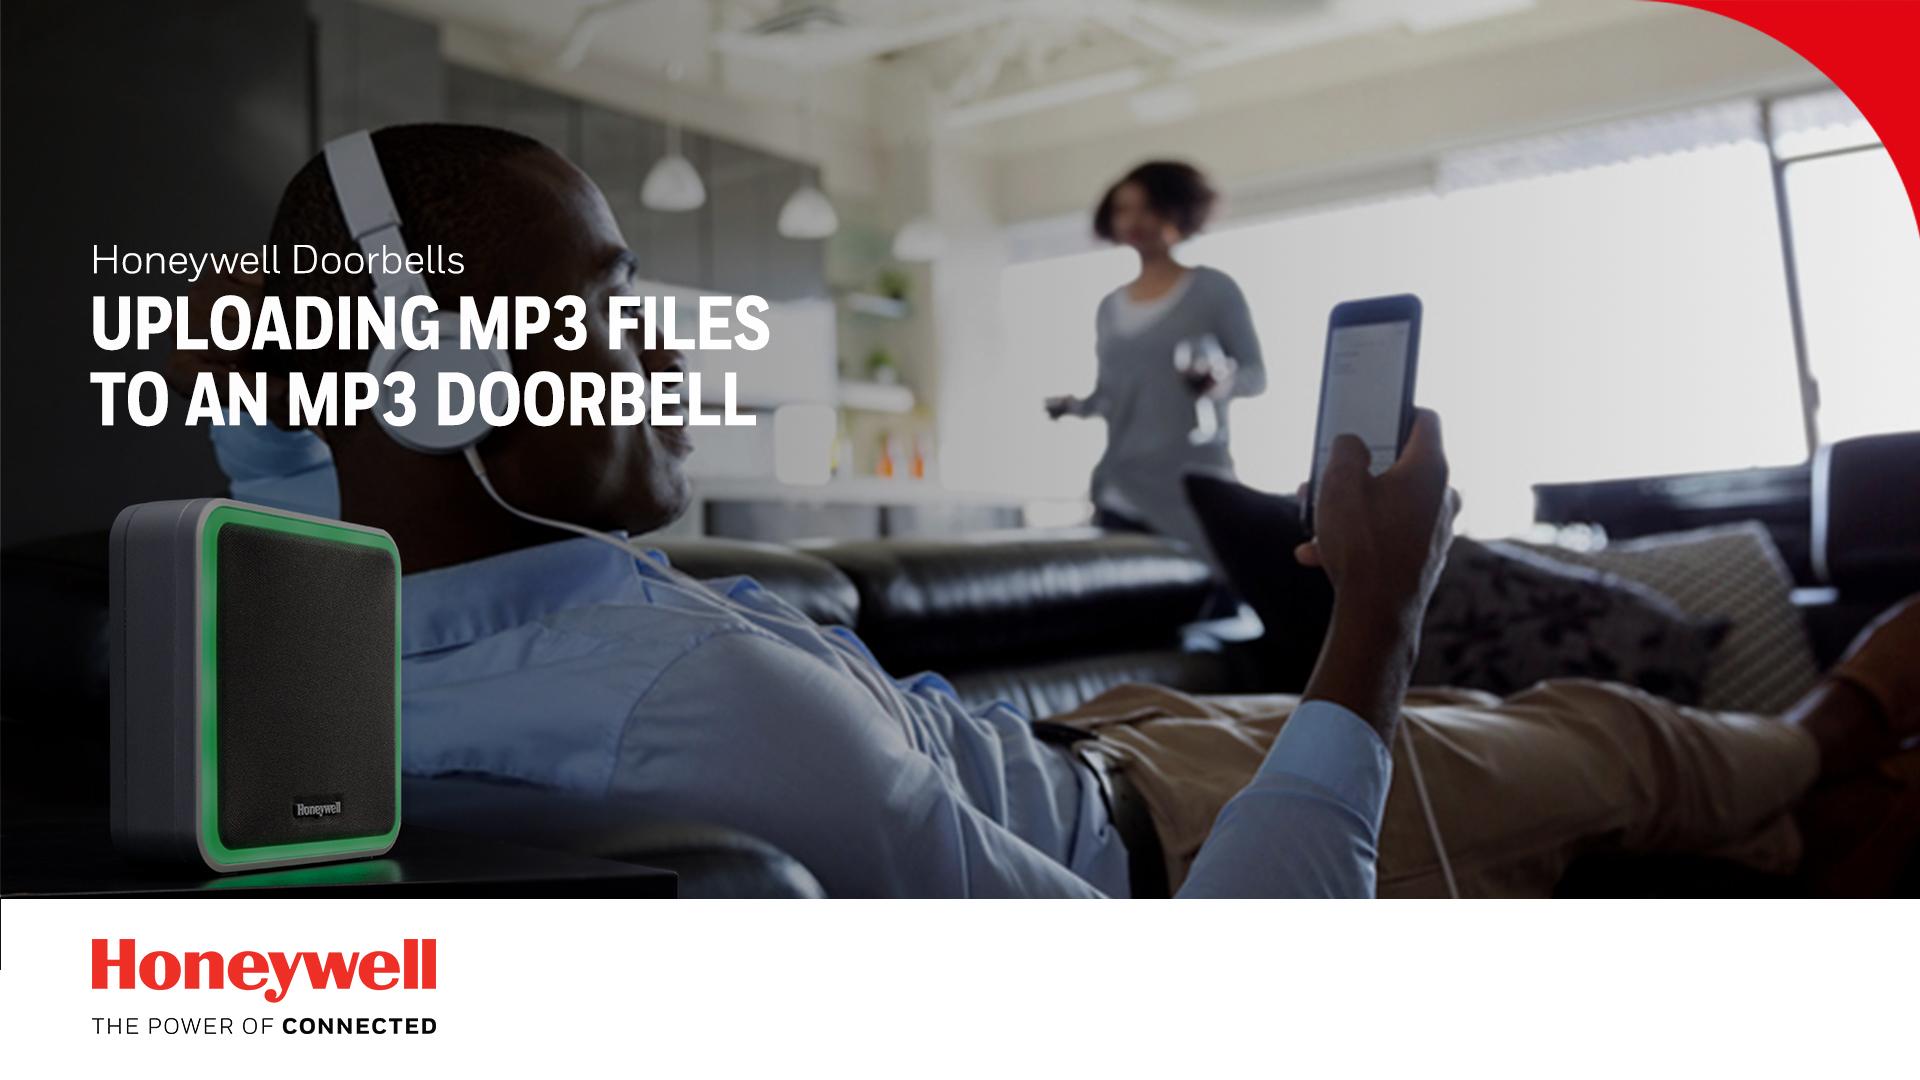 Overførsel af MP3-filer til en MP3-dørklokke